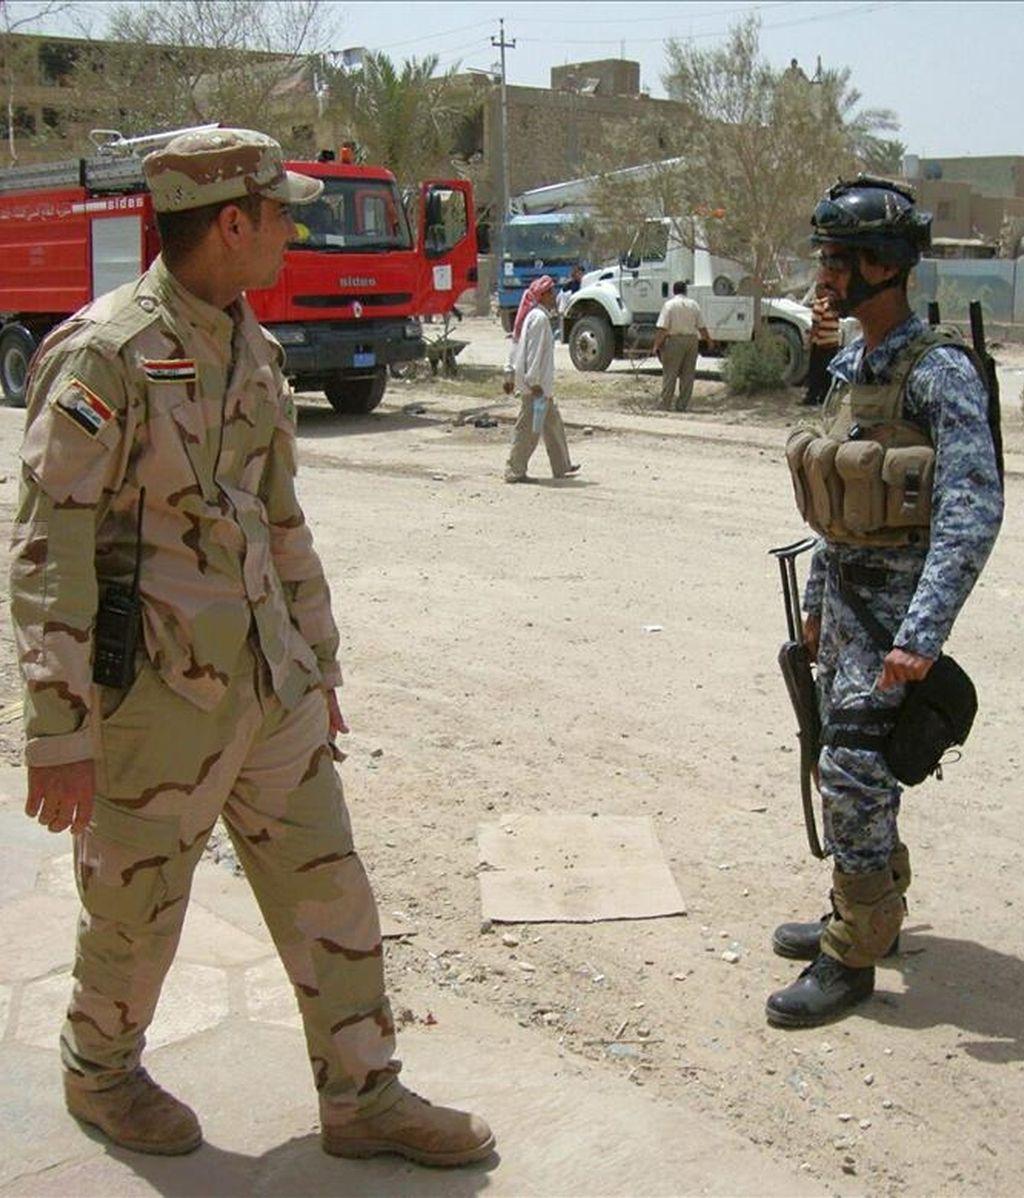 Policías iraquíes controlan el lugar donde se ha cometido un atentado con coche bomba, en Hila, Irak. EFE